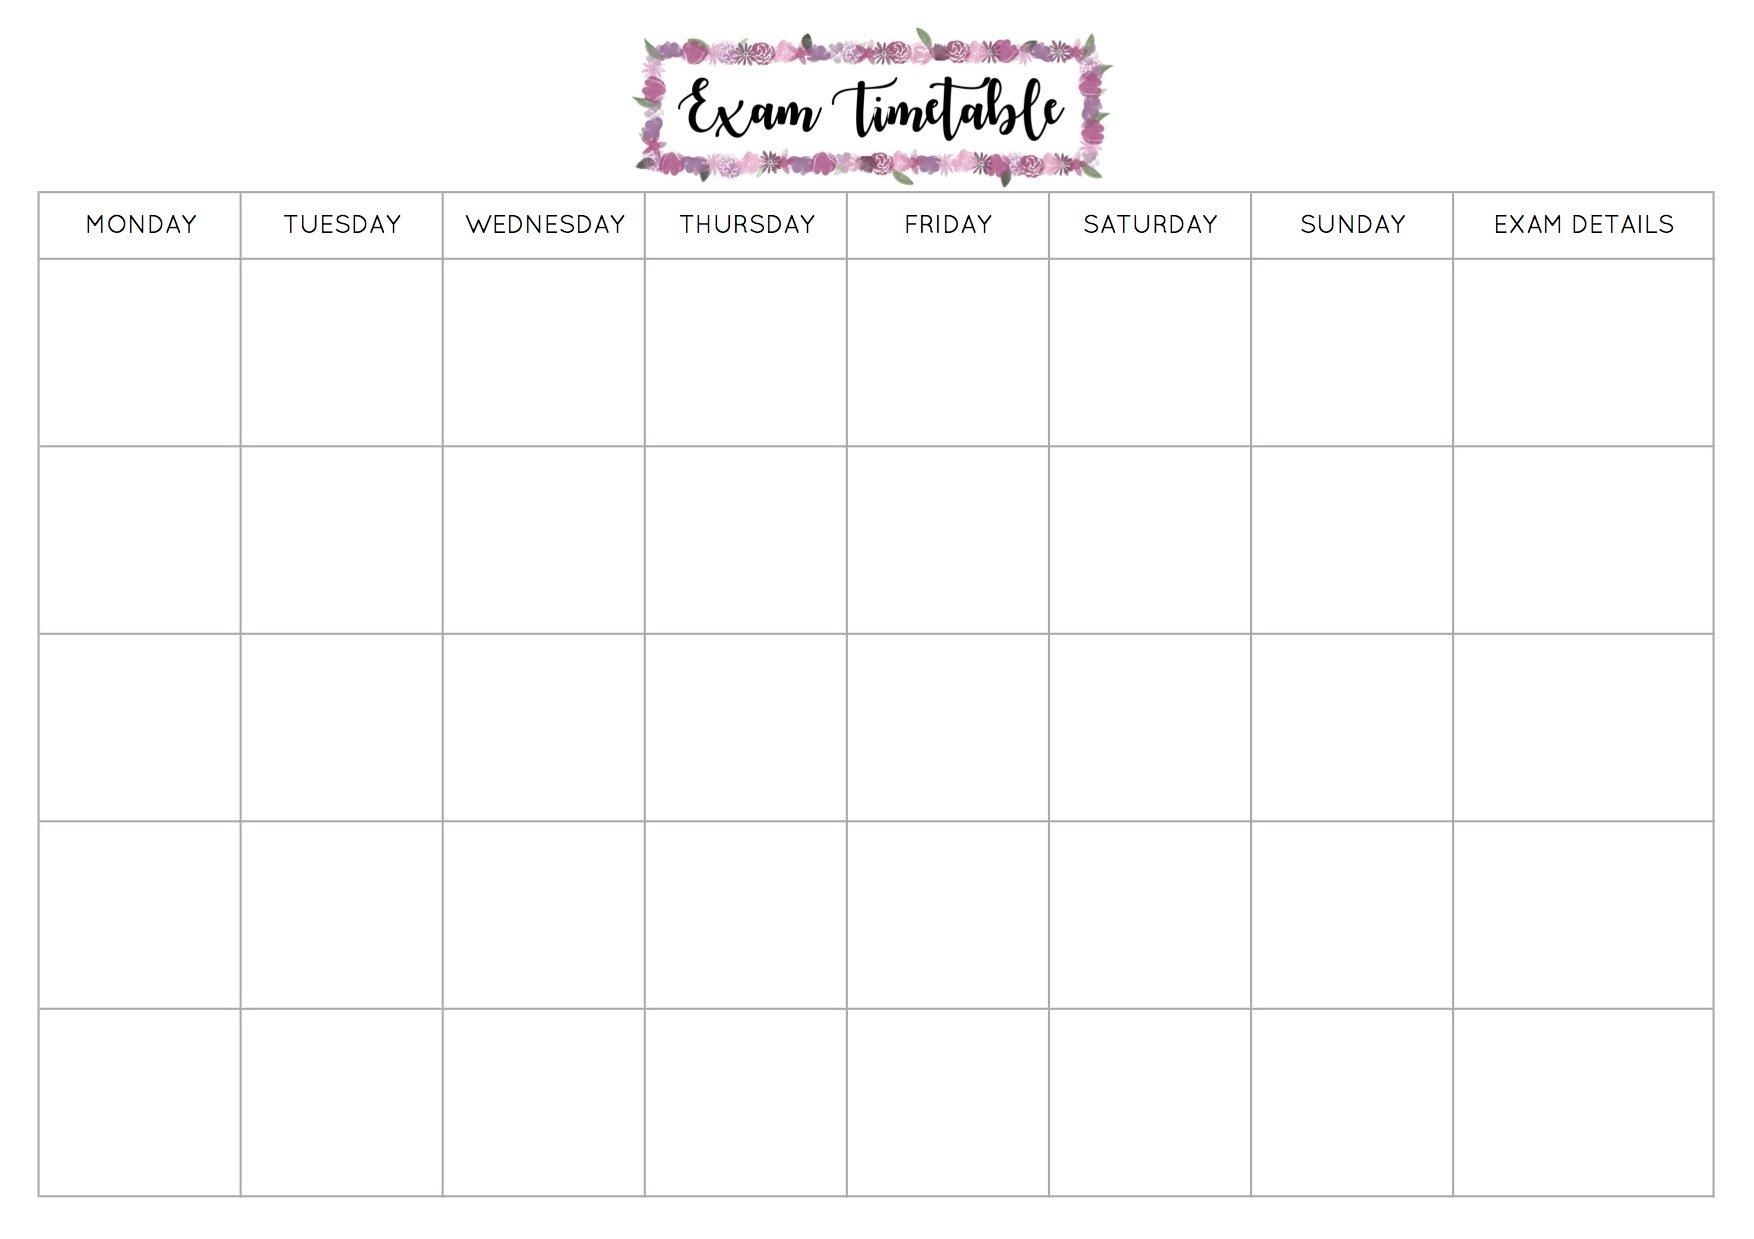 Free Exam Timetable Printable – Emily Studies Blank Monday To Friday Timetable